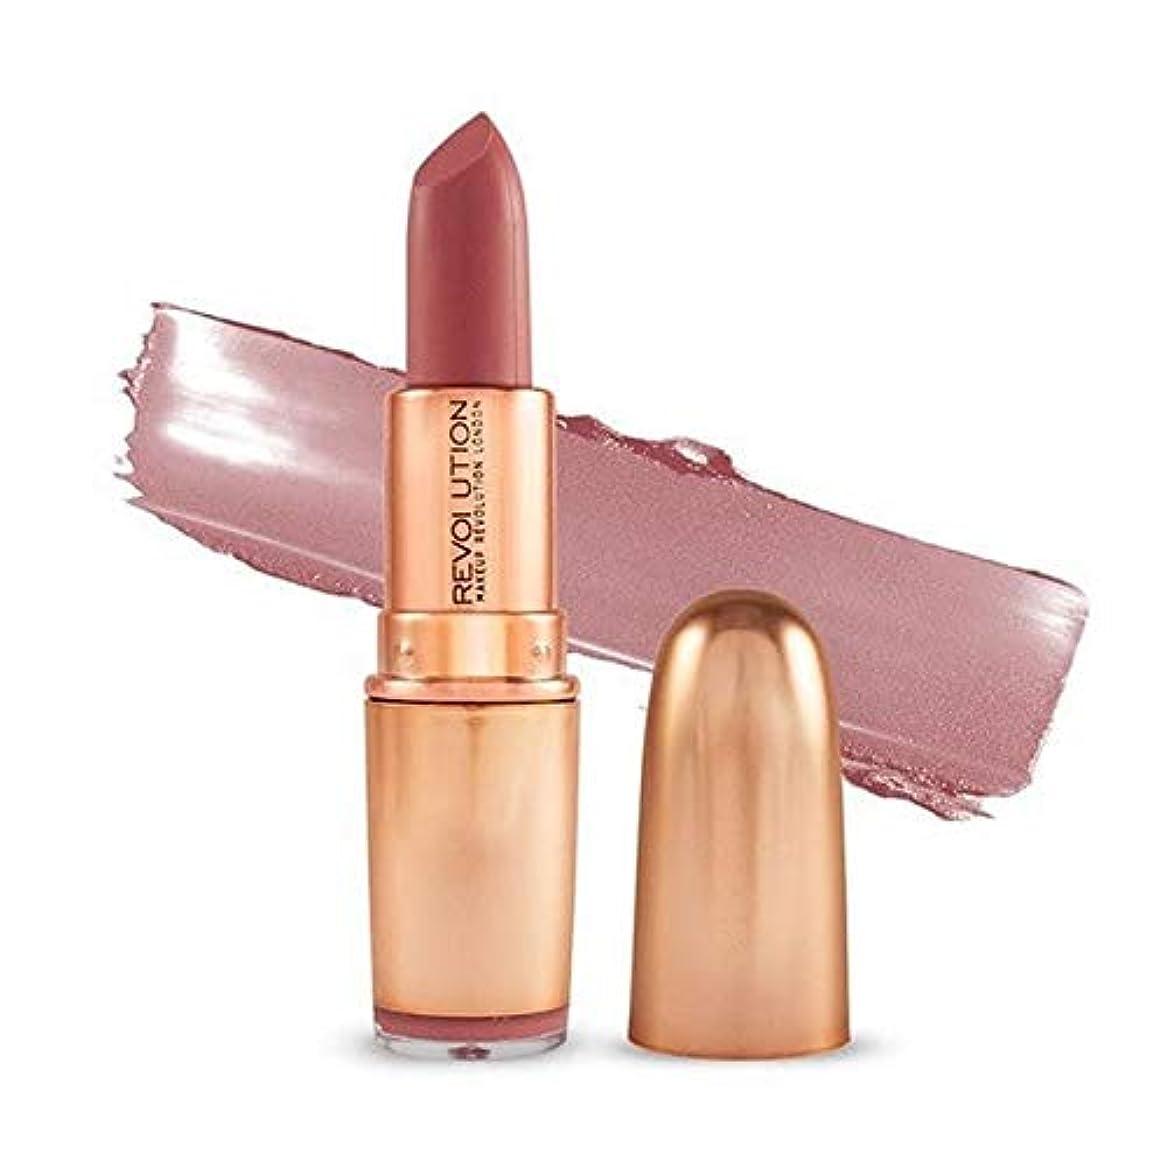 代替案ステレオタイプアーティファクト[Revolution ] 革命の象徴的なマットヌード口紅の欲望 - Revolution Iconic Matte Nude Lipstick Lust [並行輸入品]